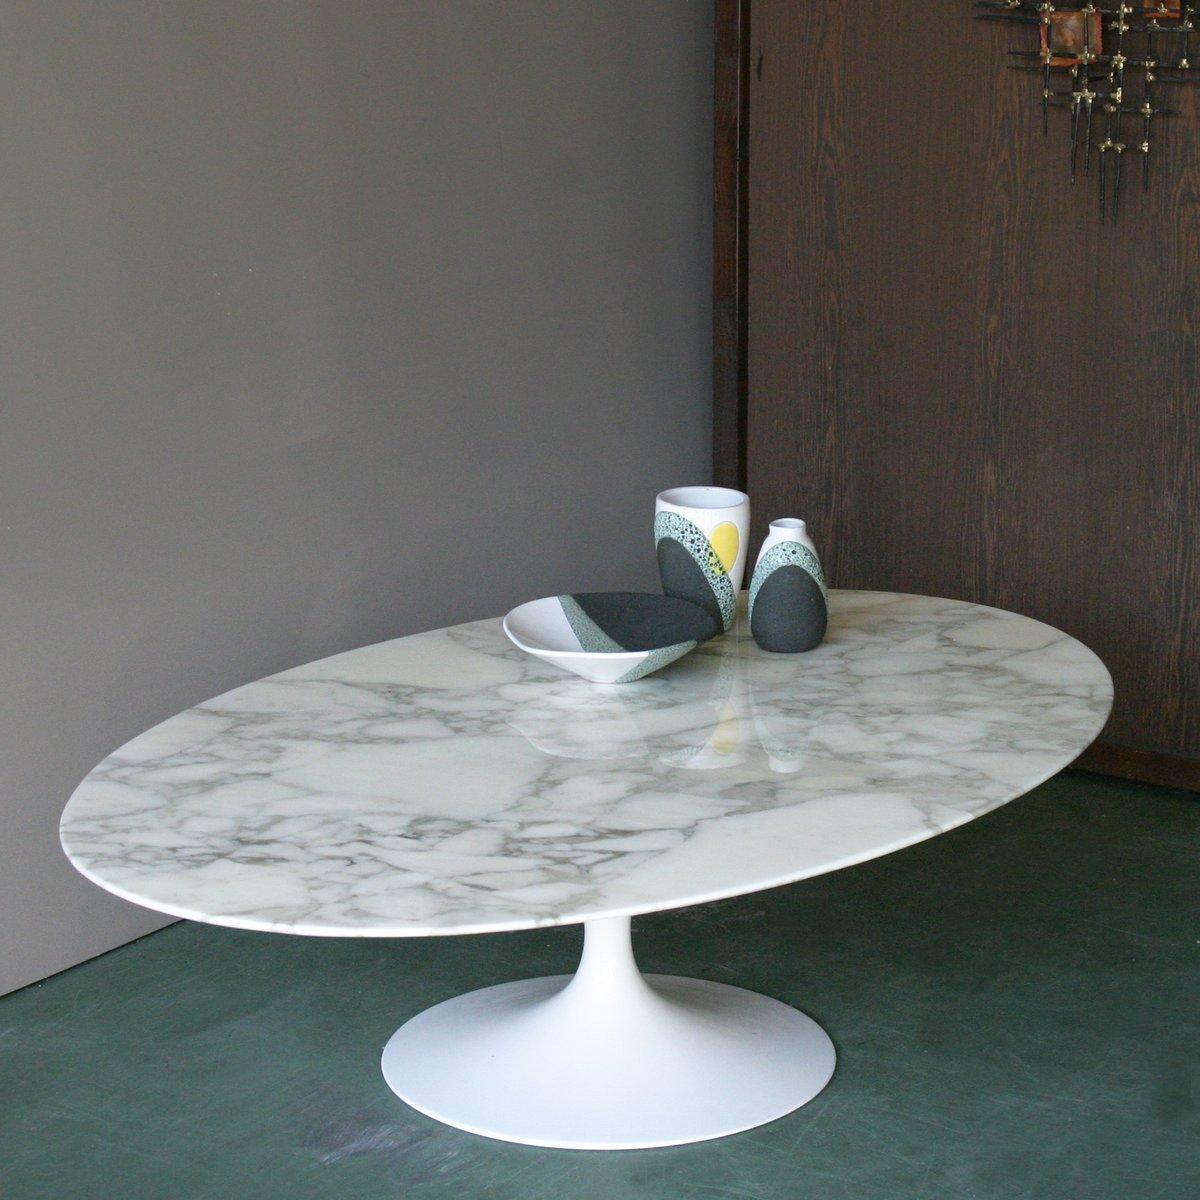 167 MC Ovaler Couchtisch von Eero Saarinen für Knoll bei